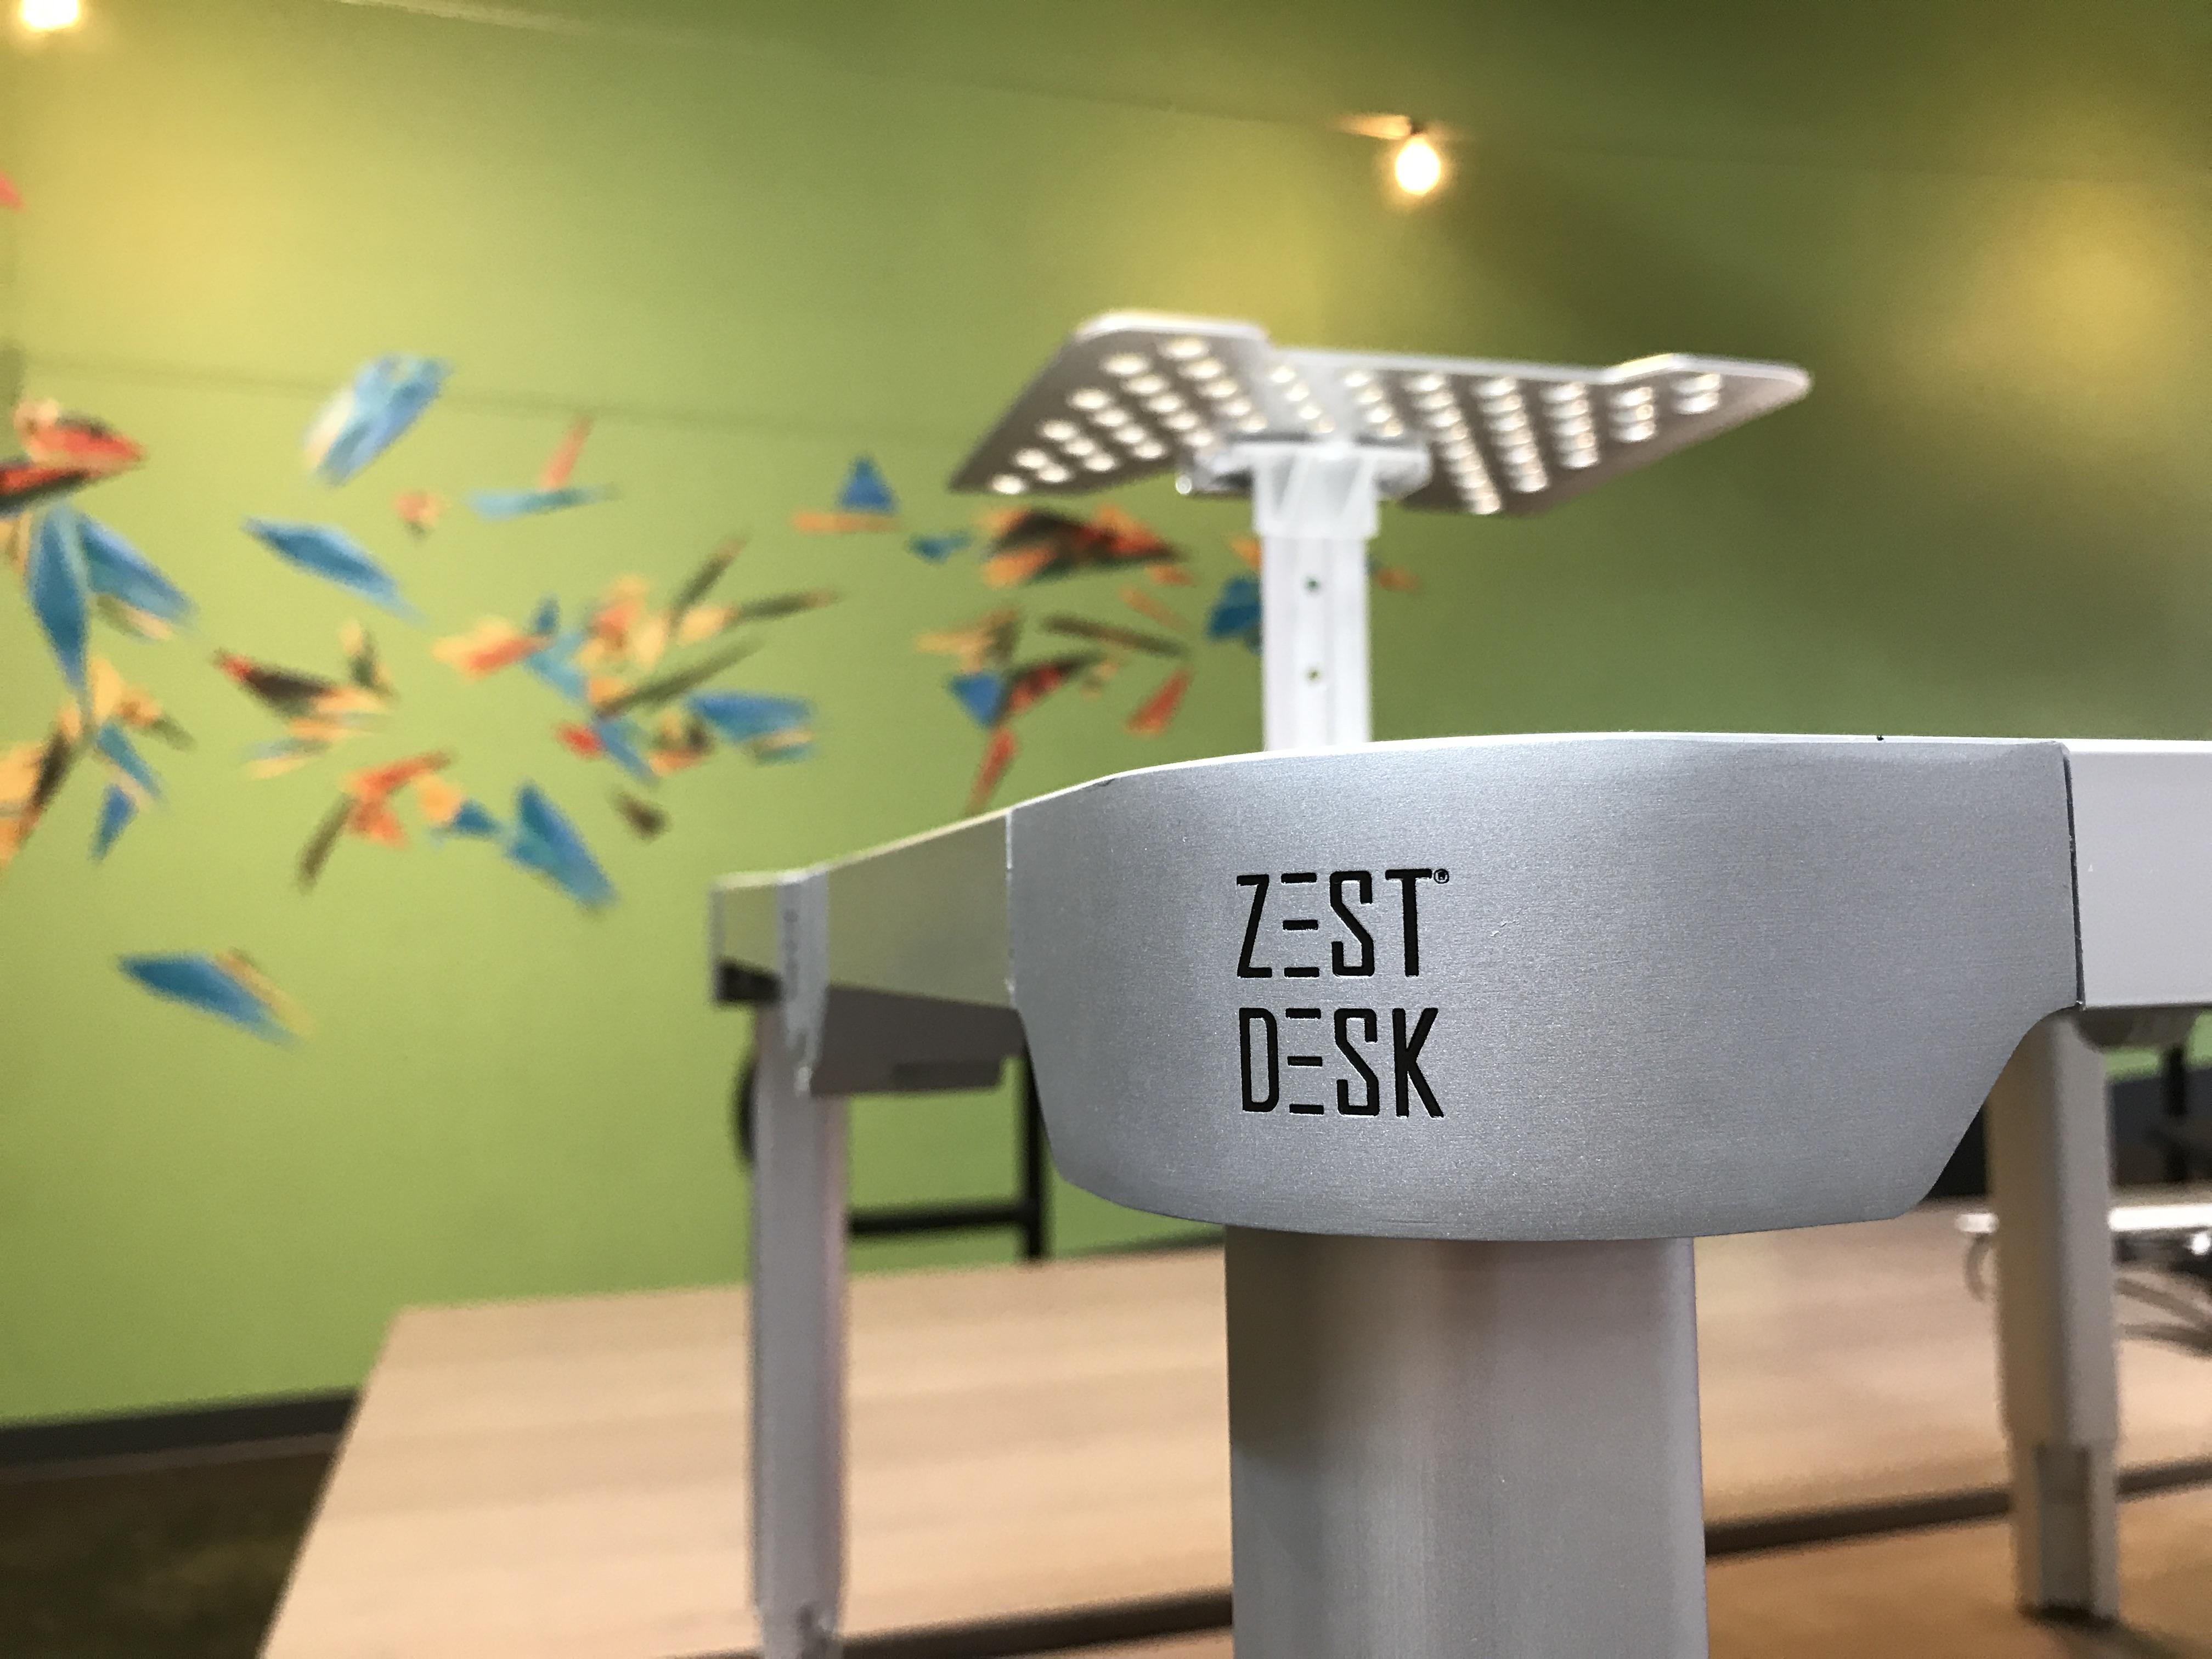 zestdesk review